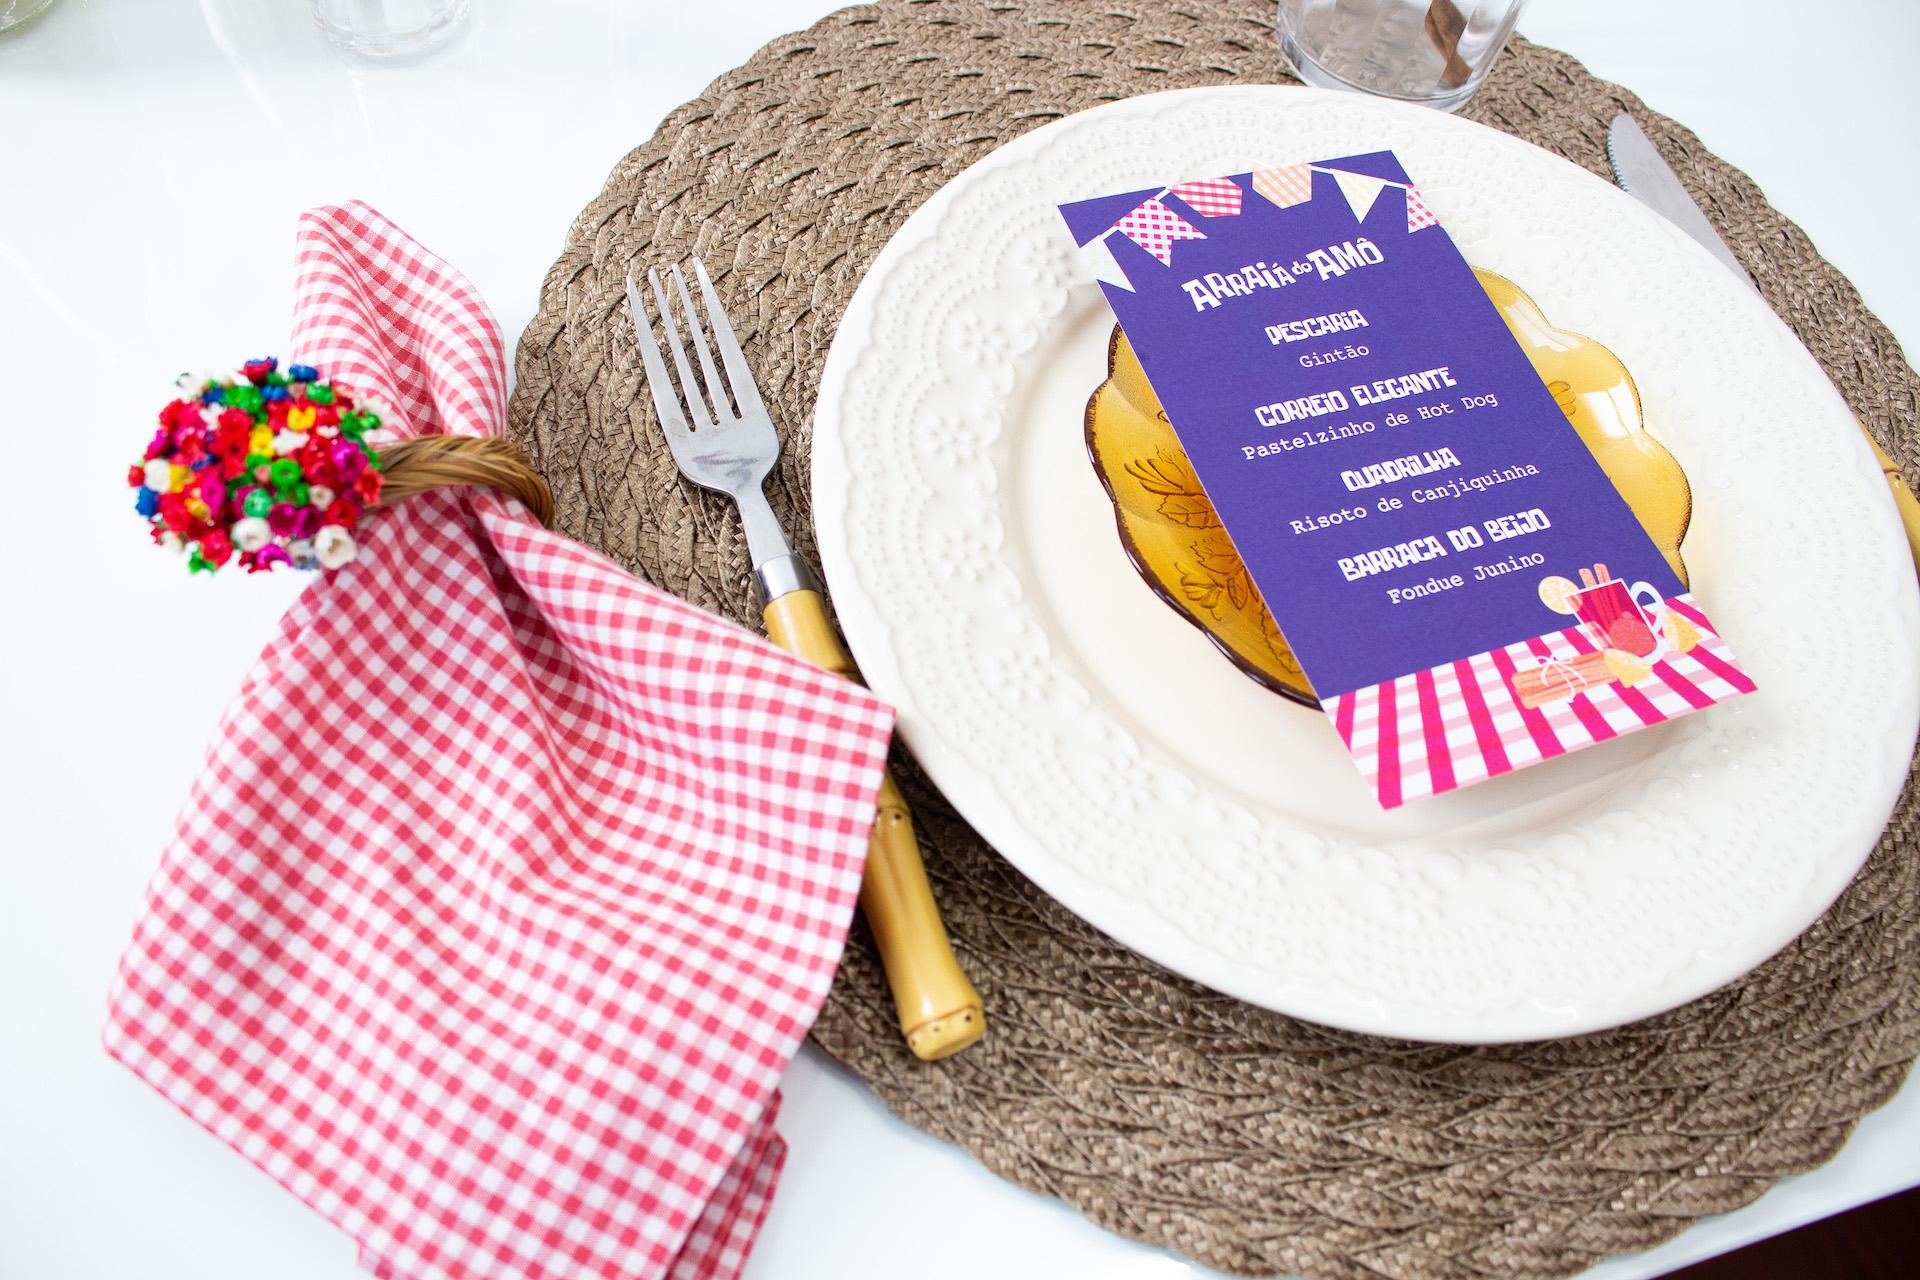 arraia do amor menu para festa junina decoração fácil